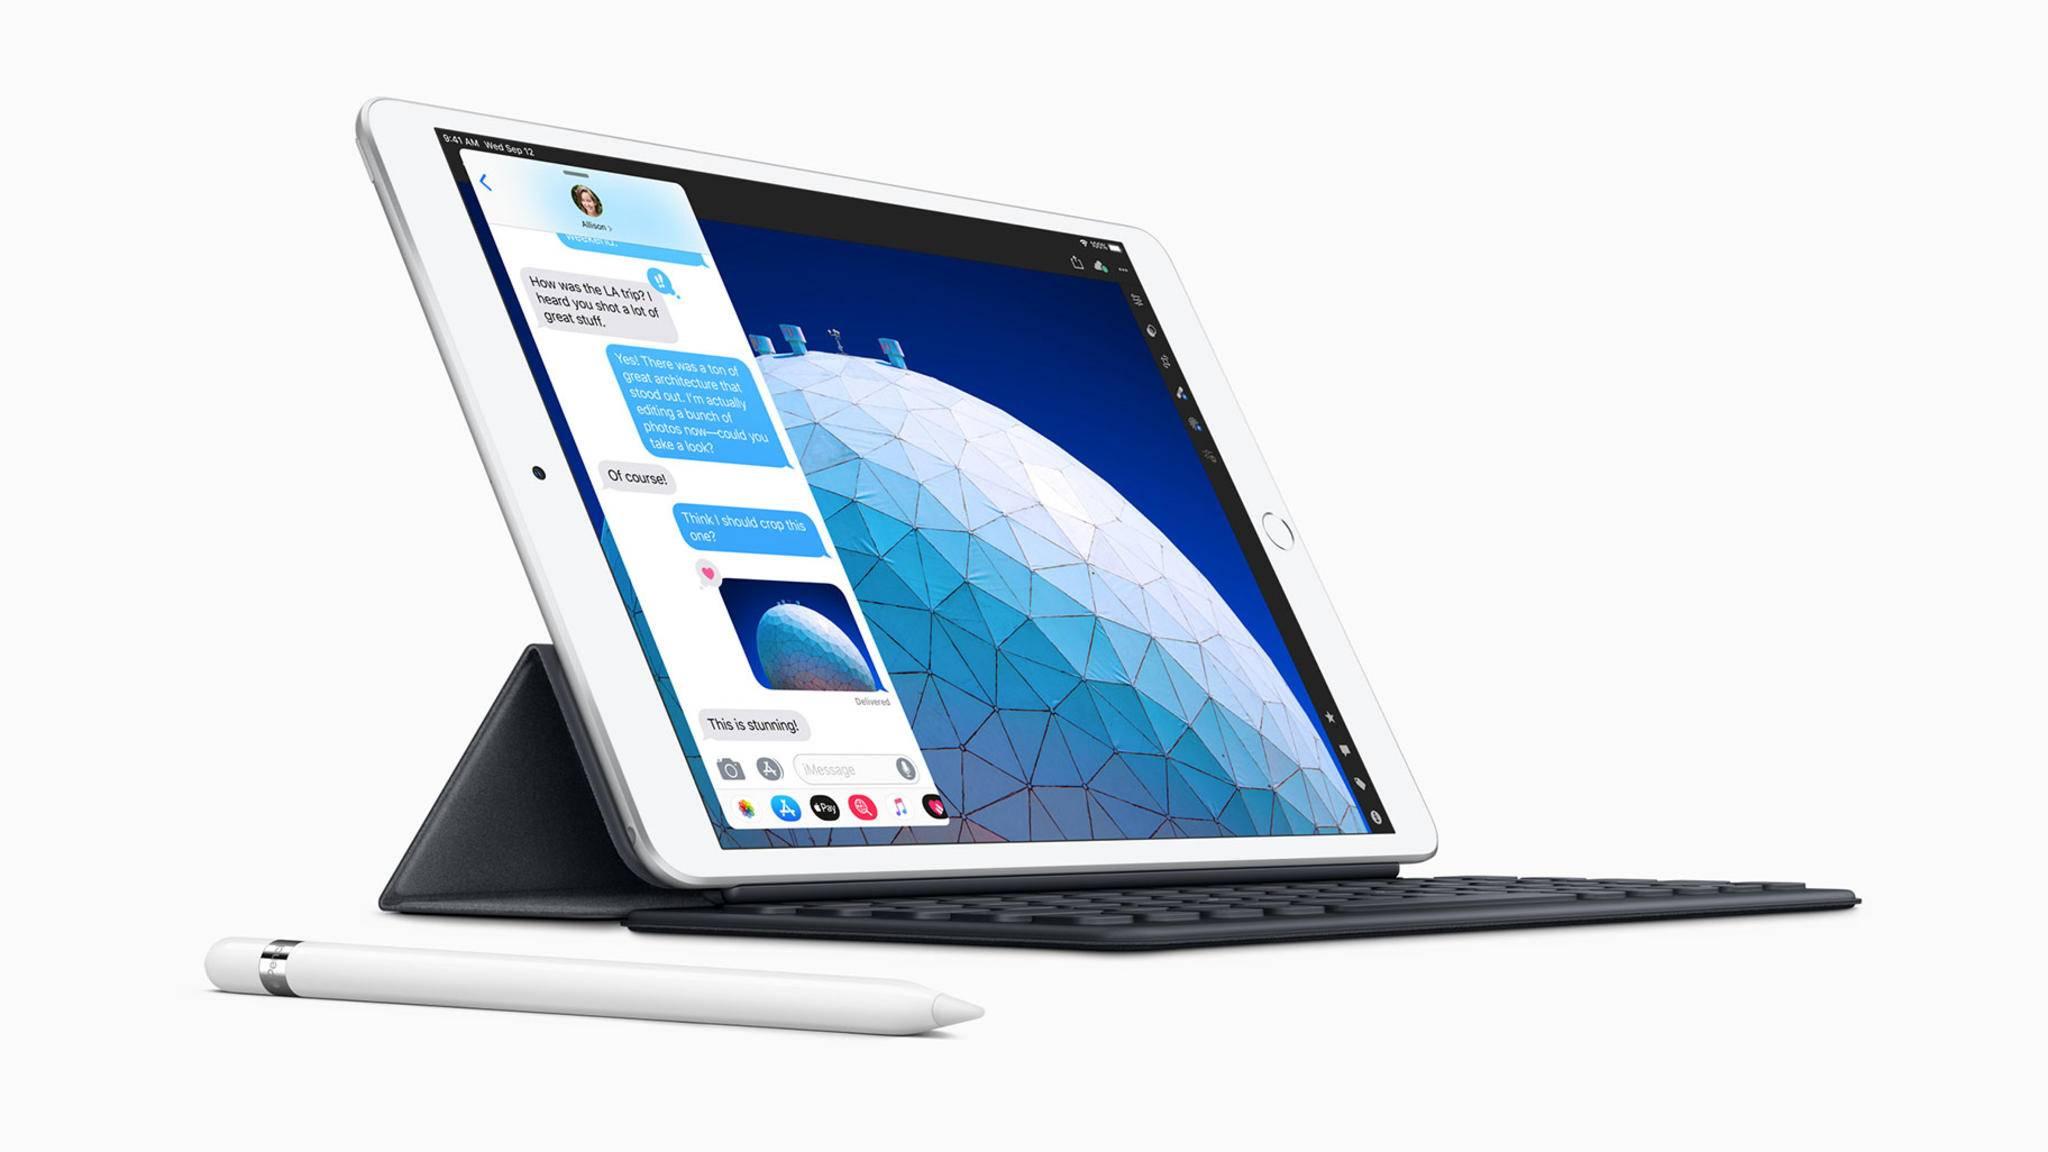 Einträge in der EEC-Datenbank deuten darauf hin, dass Apple in diesem Jahr sieben neue iPad-Modellvarianten auf den Markt bringt.